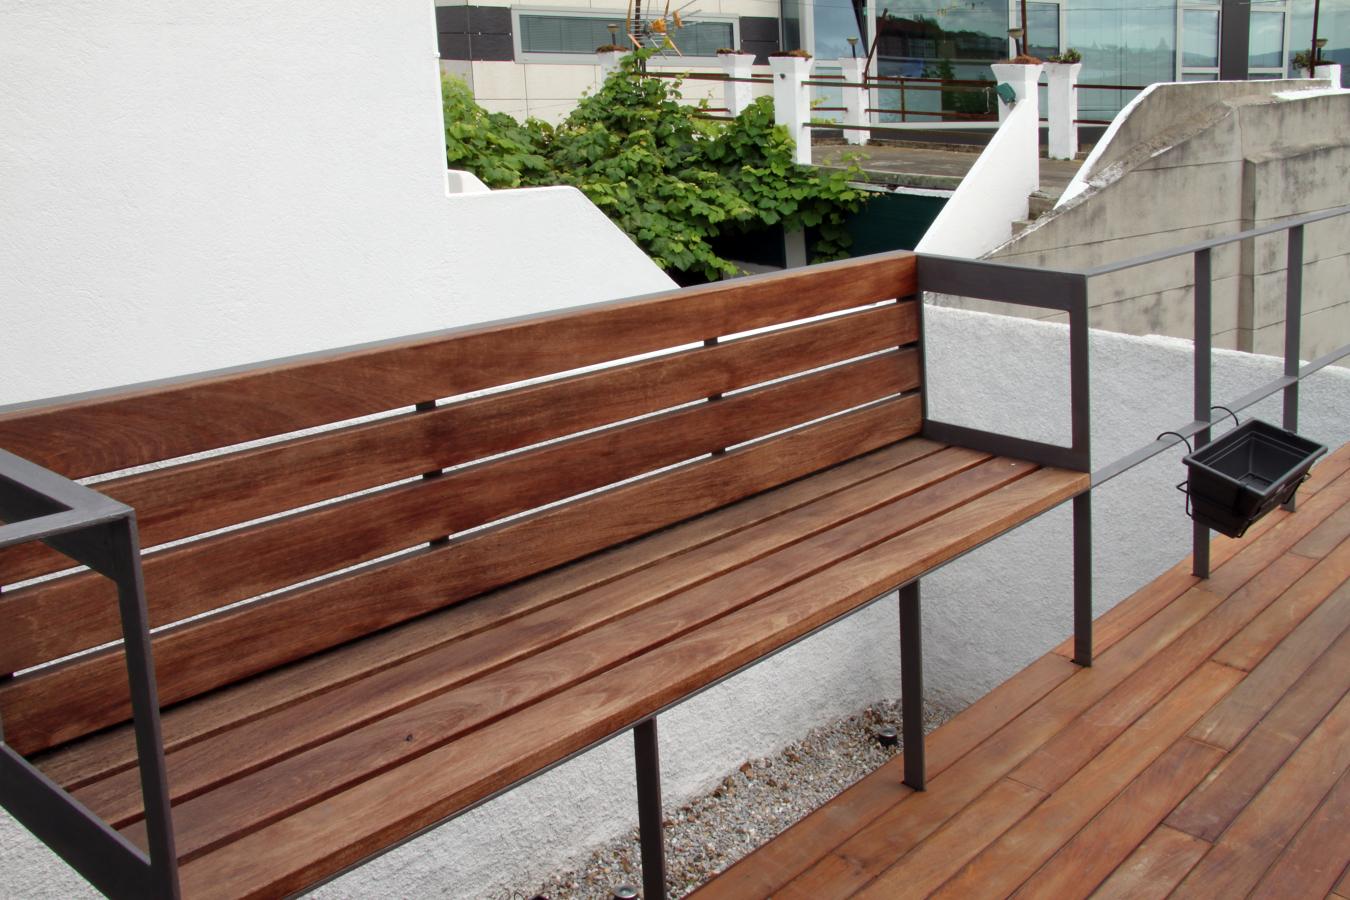 Foto banco barandilla terraza de dedaloarquitectos for Bancos para terrazas baratos